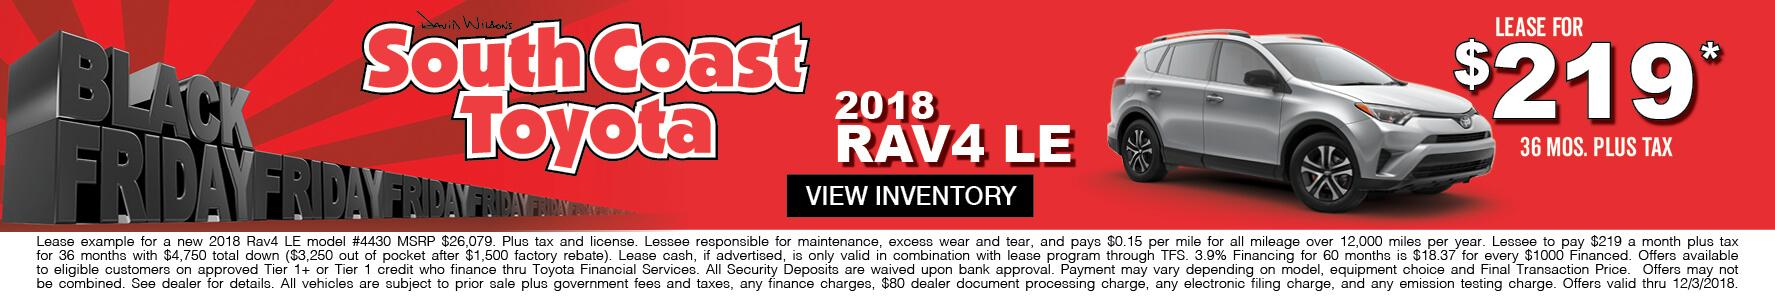 Toyota RAV4 $219 Lease